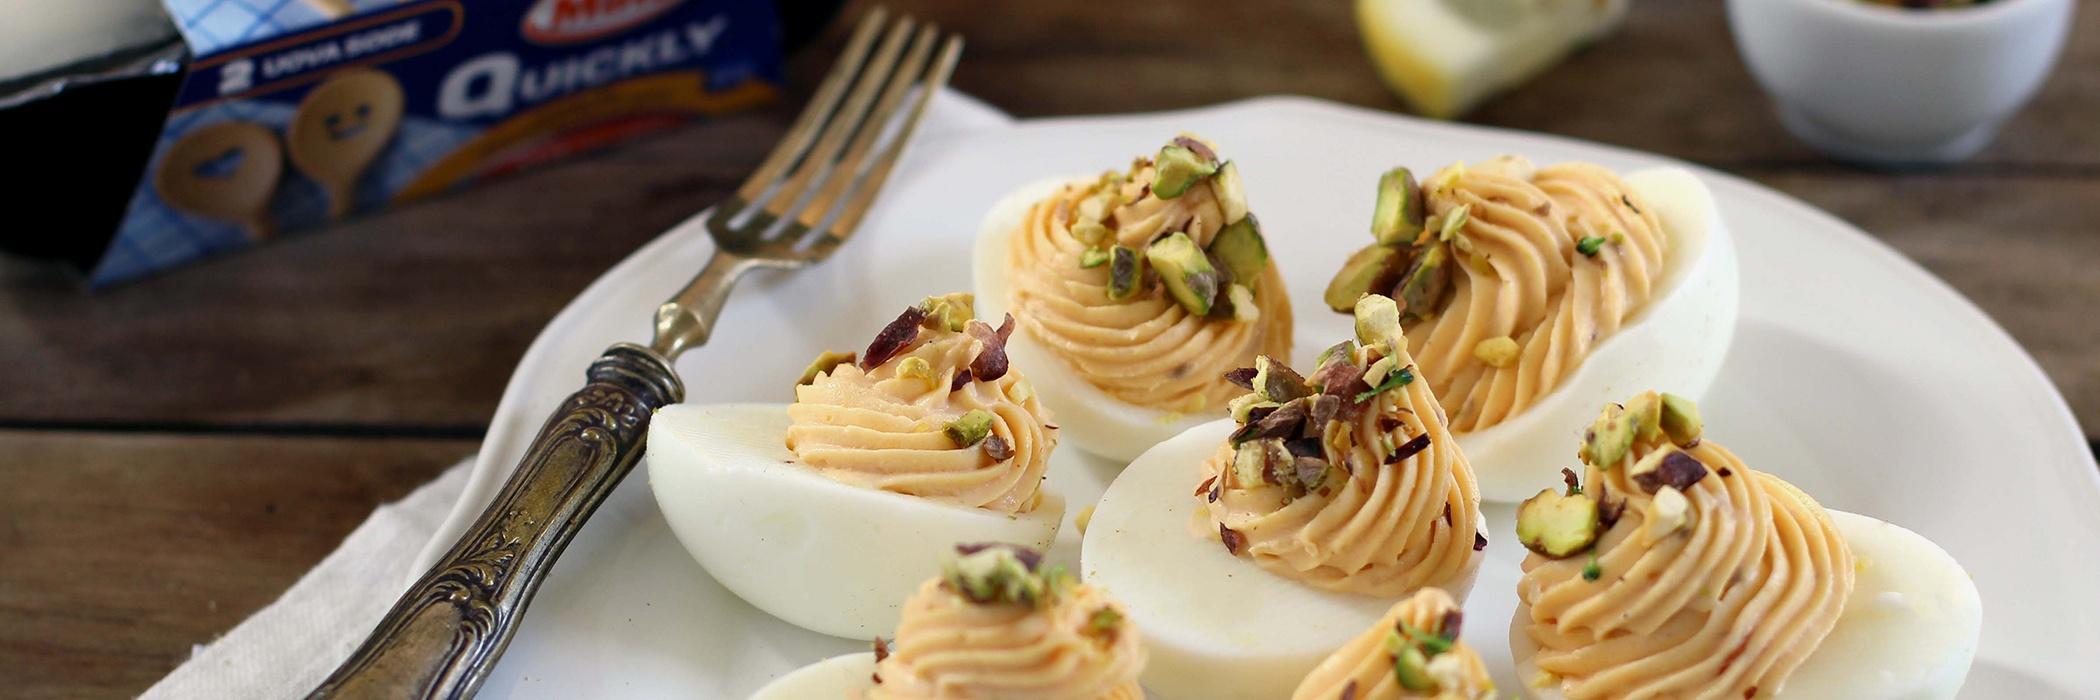 uova ripiene con salmone, formaggio fresco e pistacchi